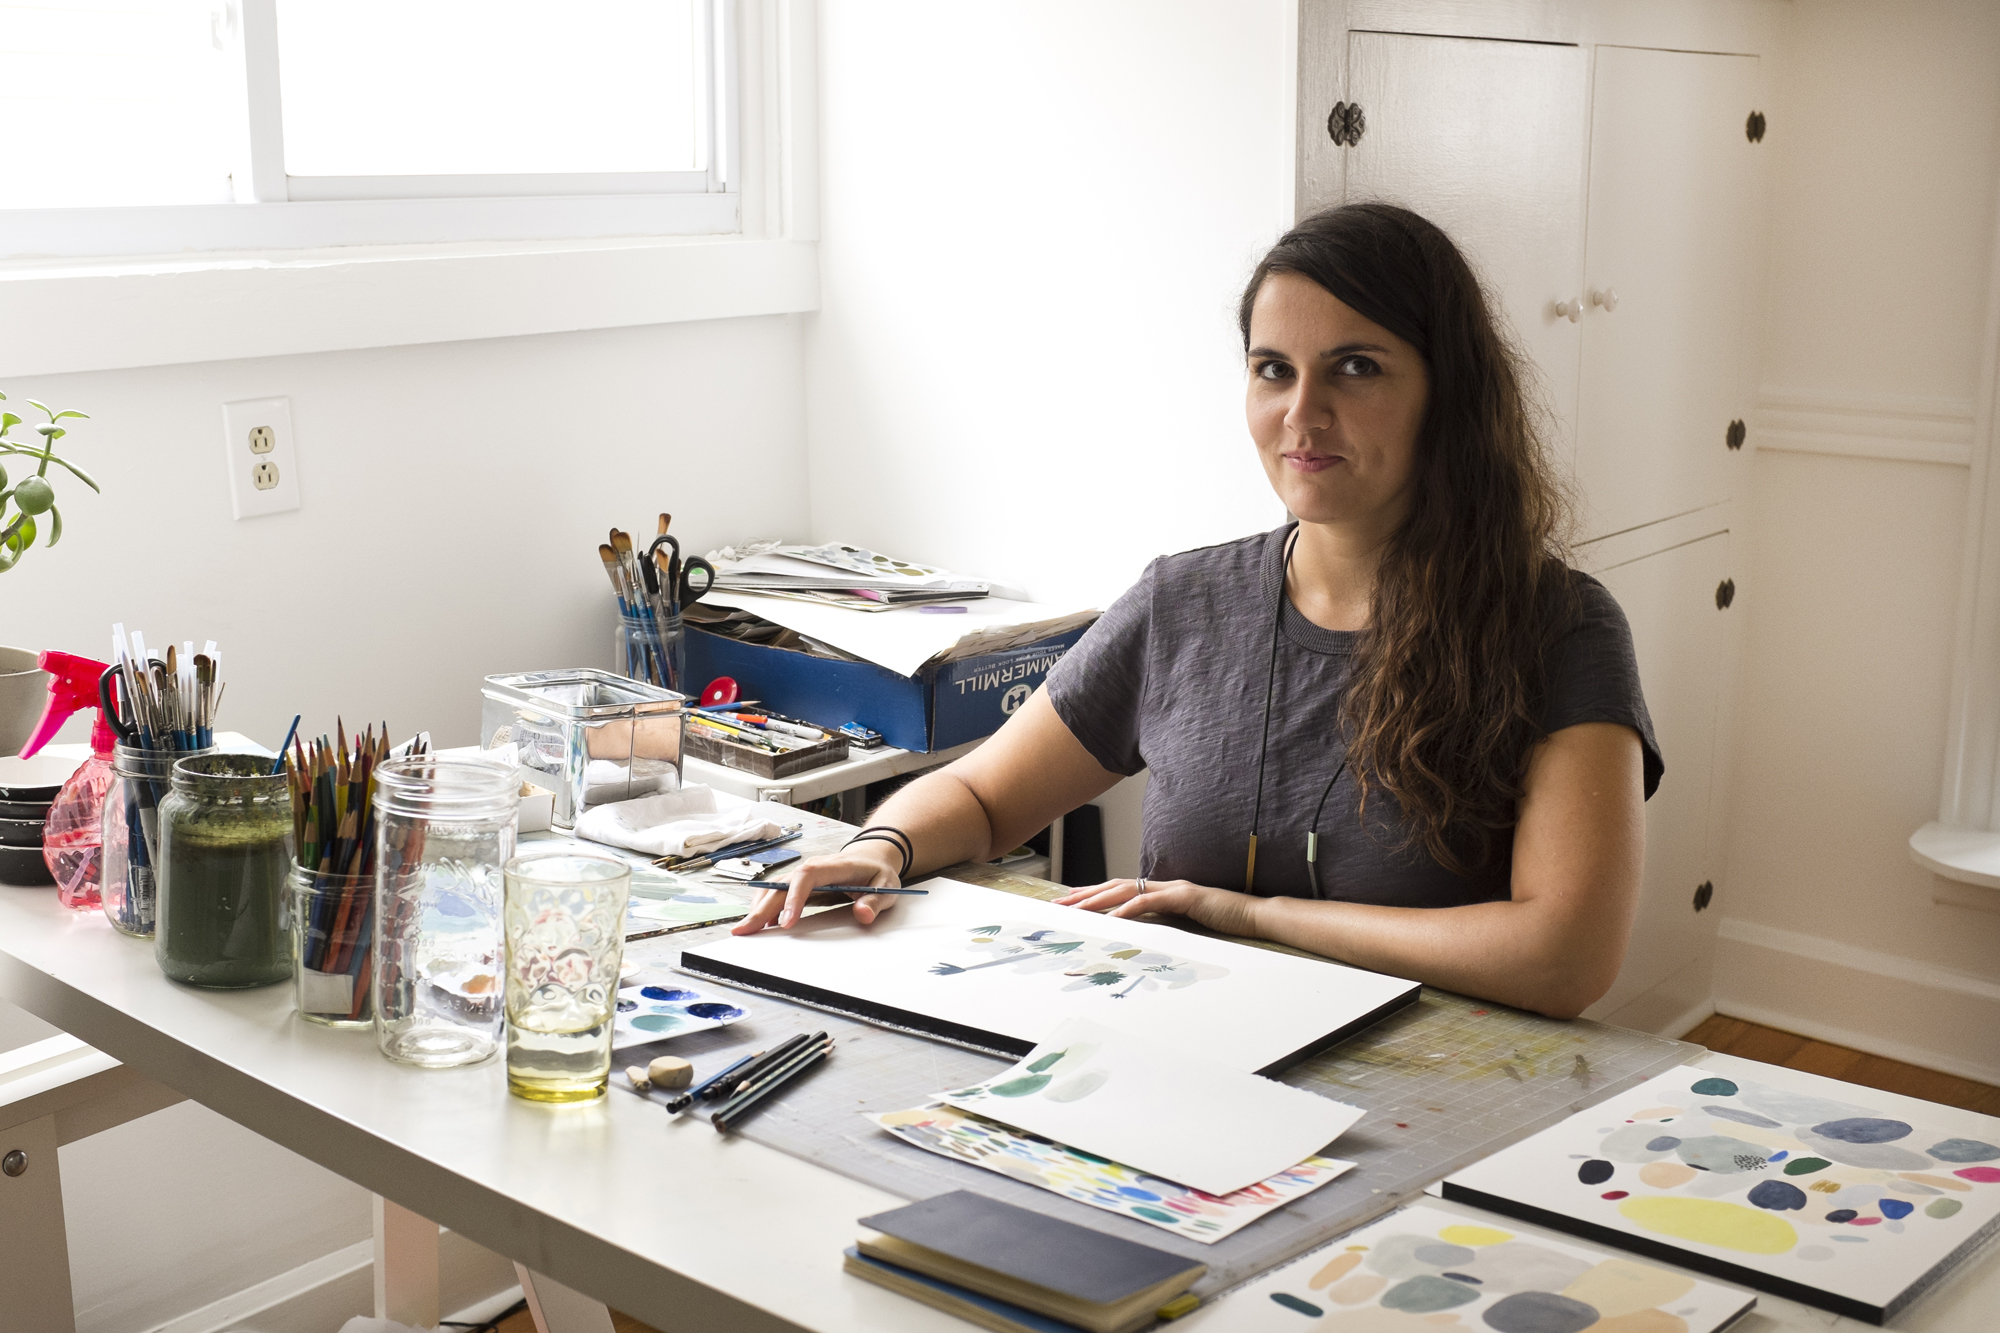 Kate Pugsley at work